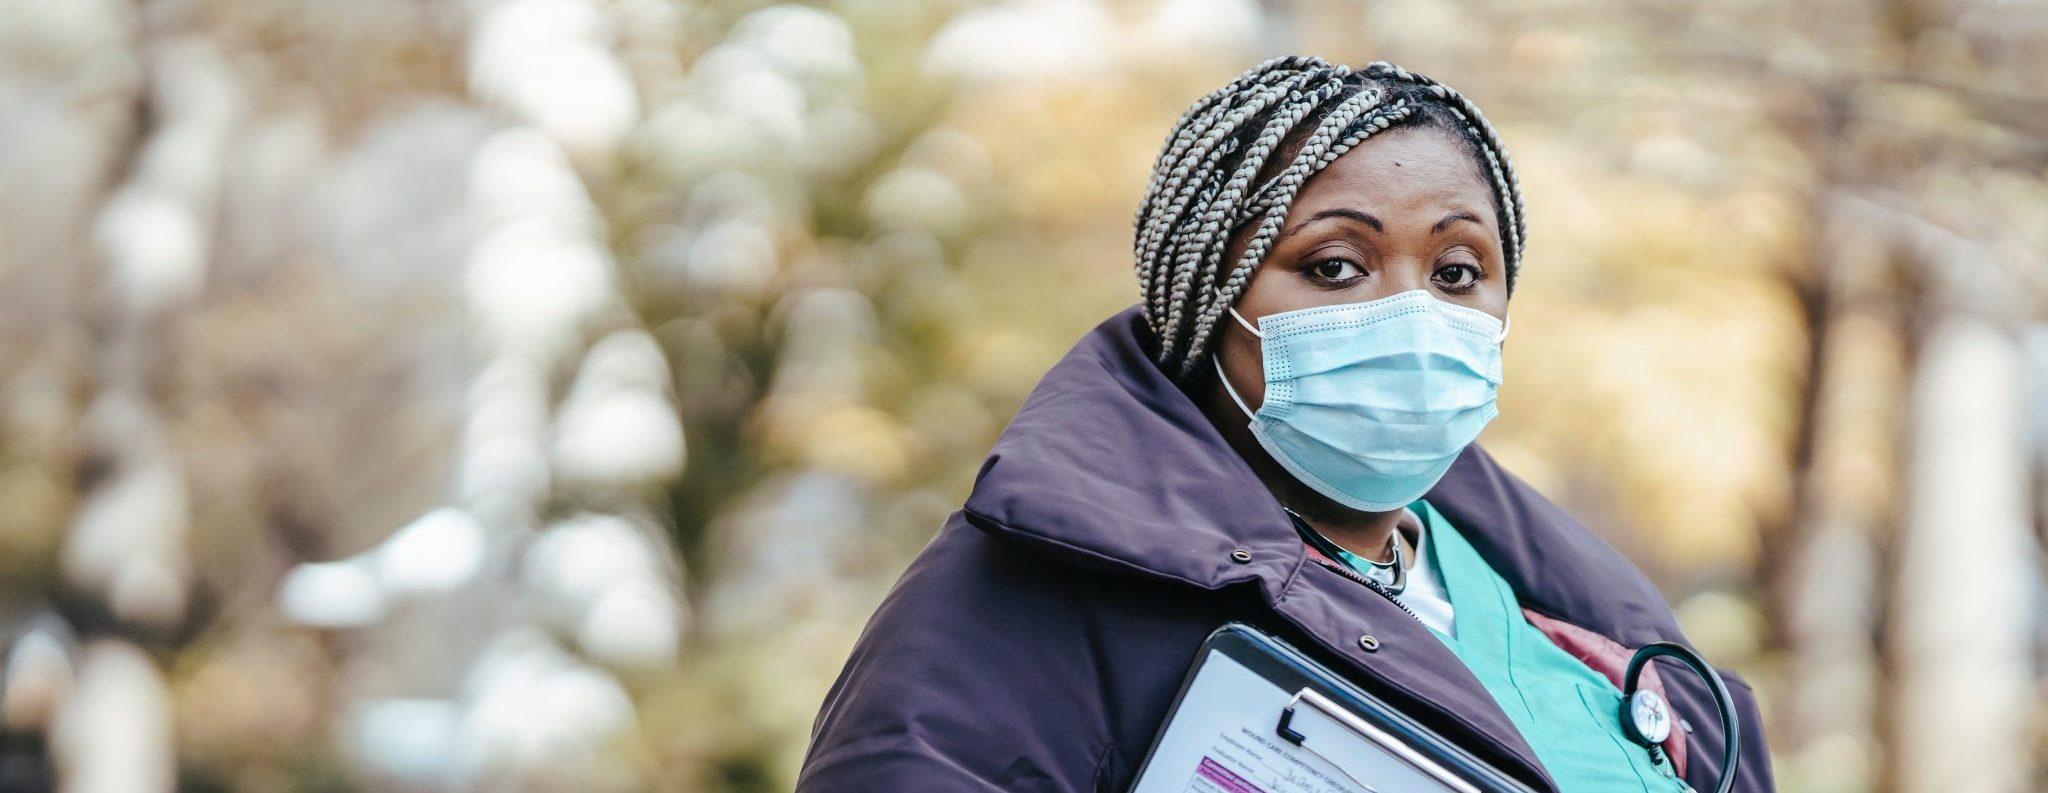 Female Nurse with mask outside